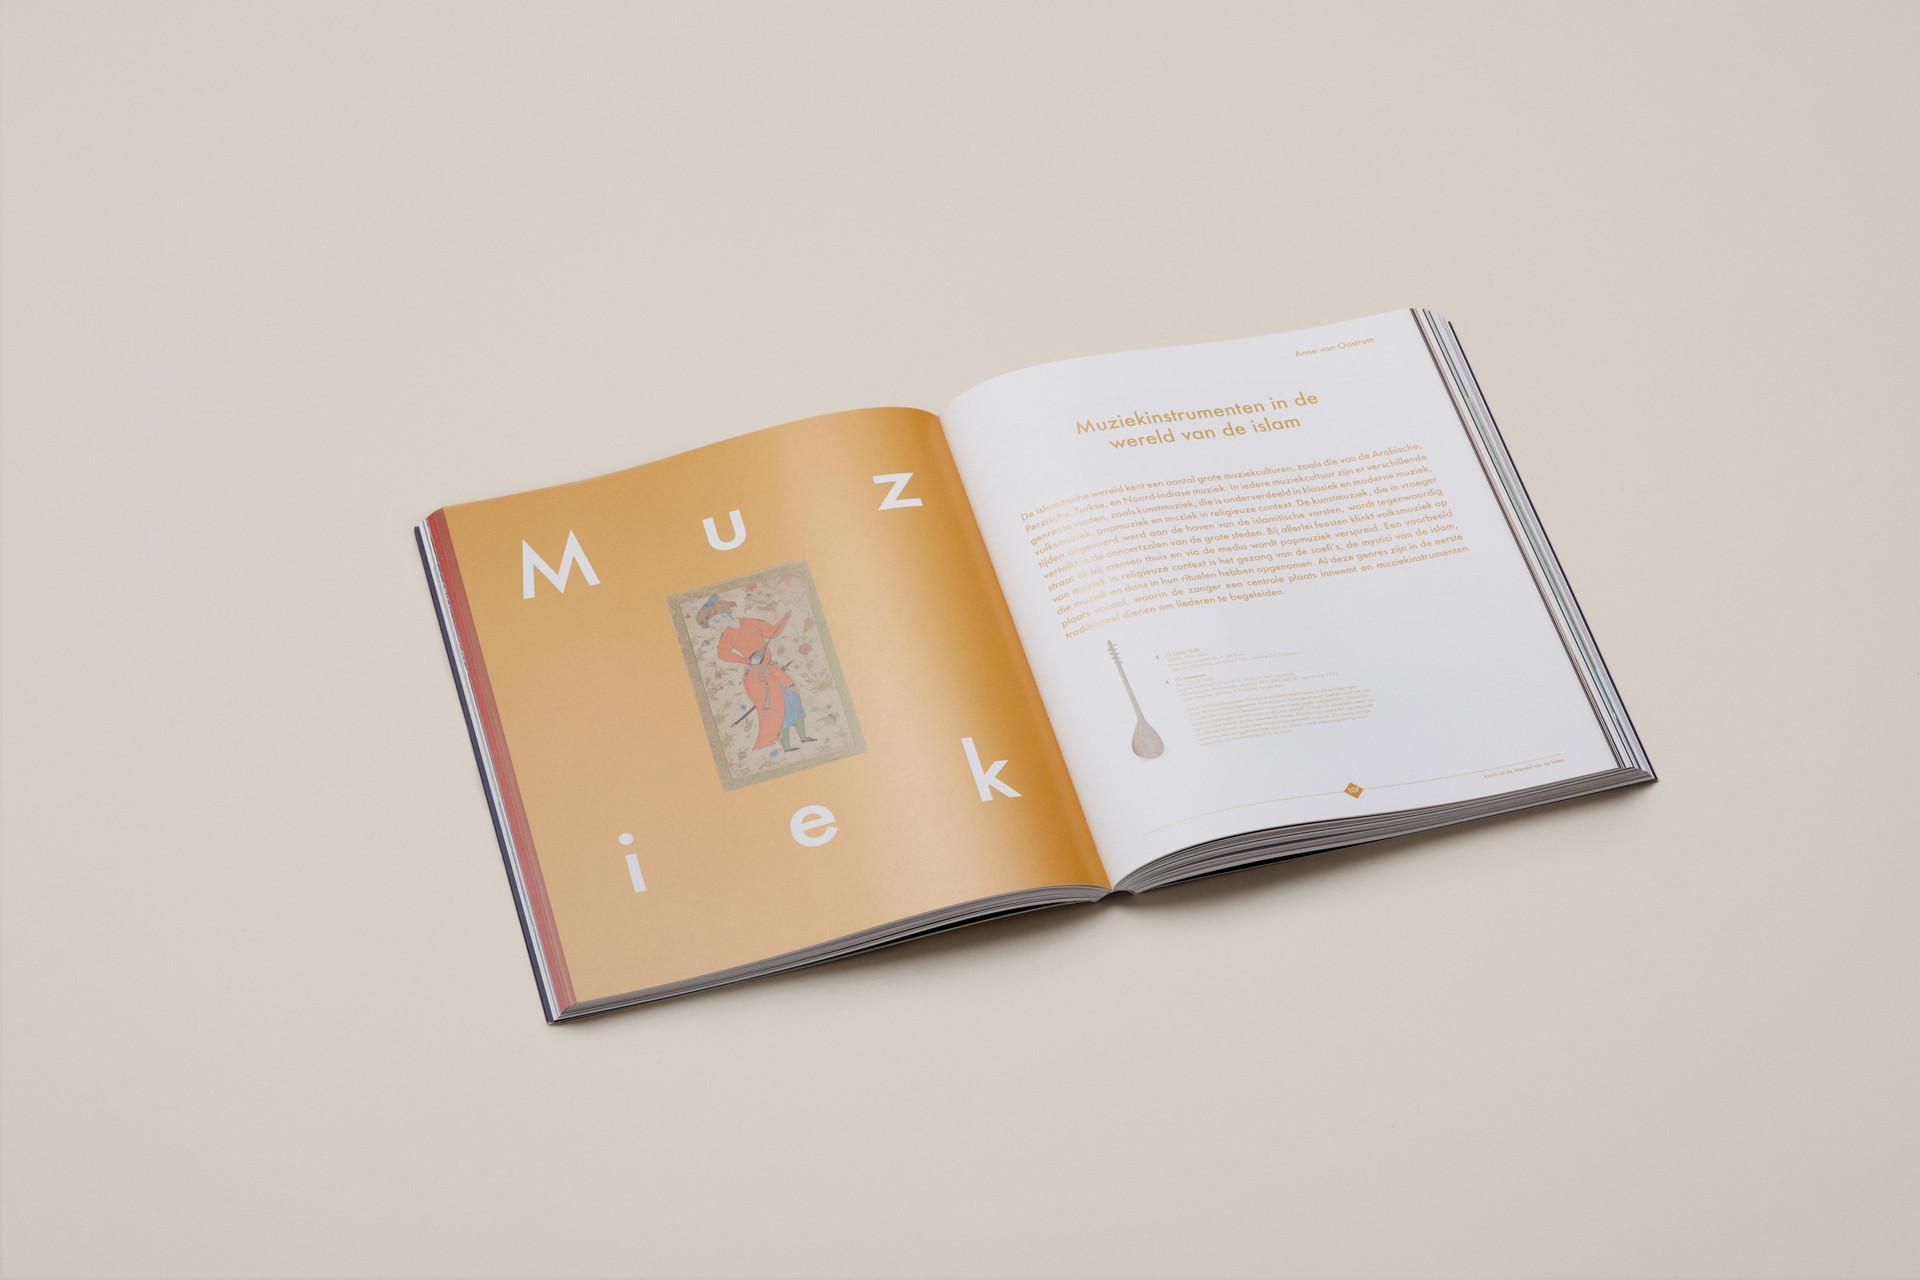 Geluk_Museumboek_09_095.jpg